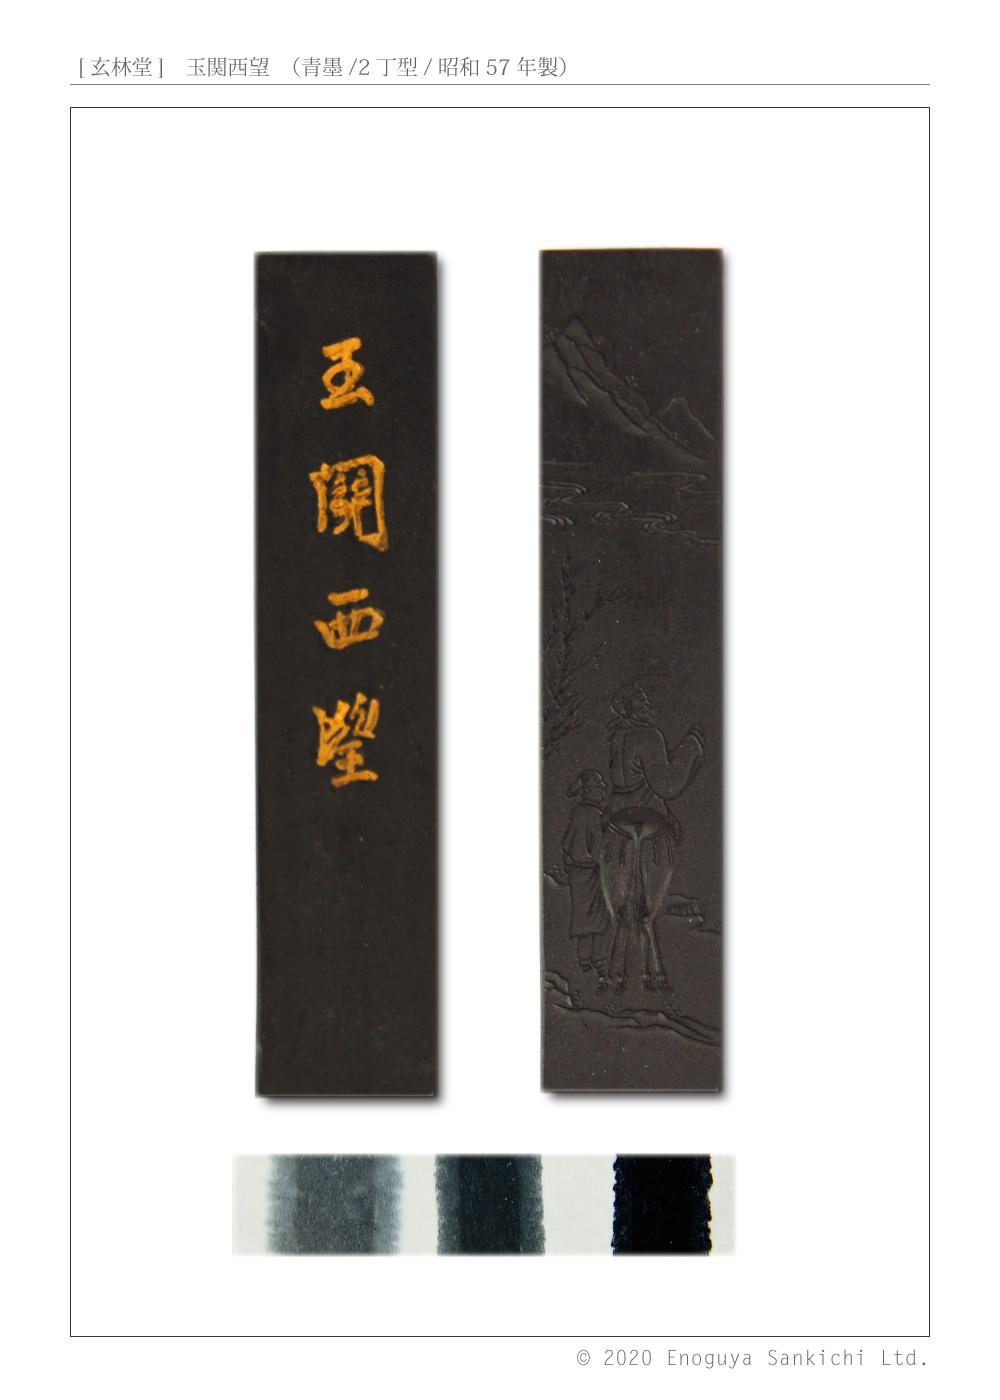 [玄林堂] 玉関西望 (青墨/2丁型/昭和57年製)